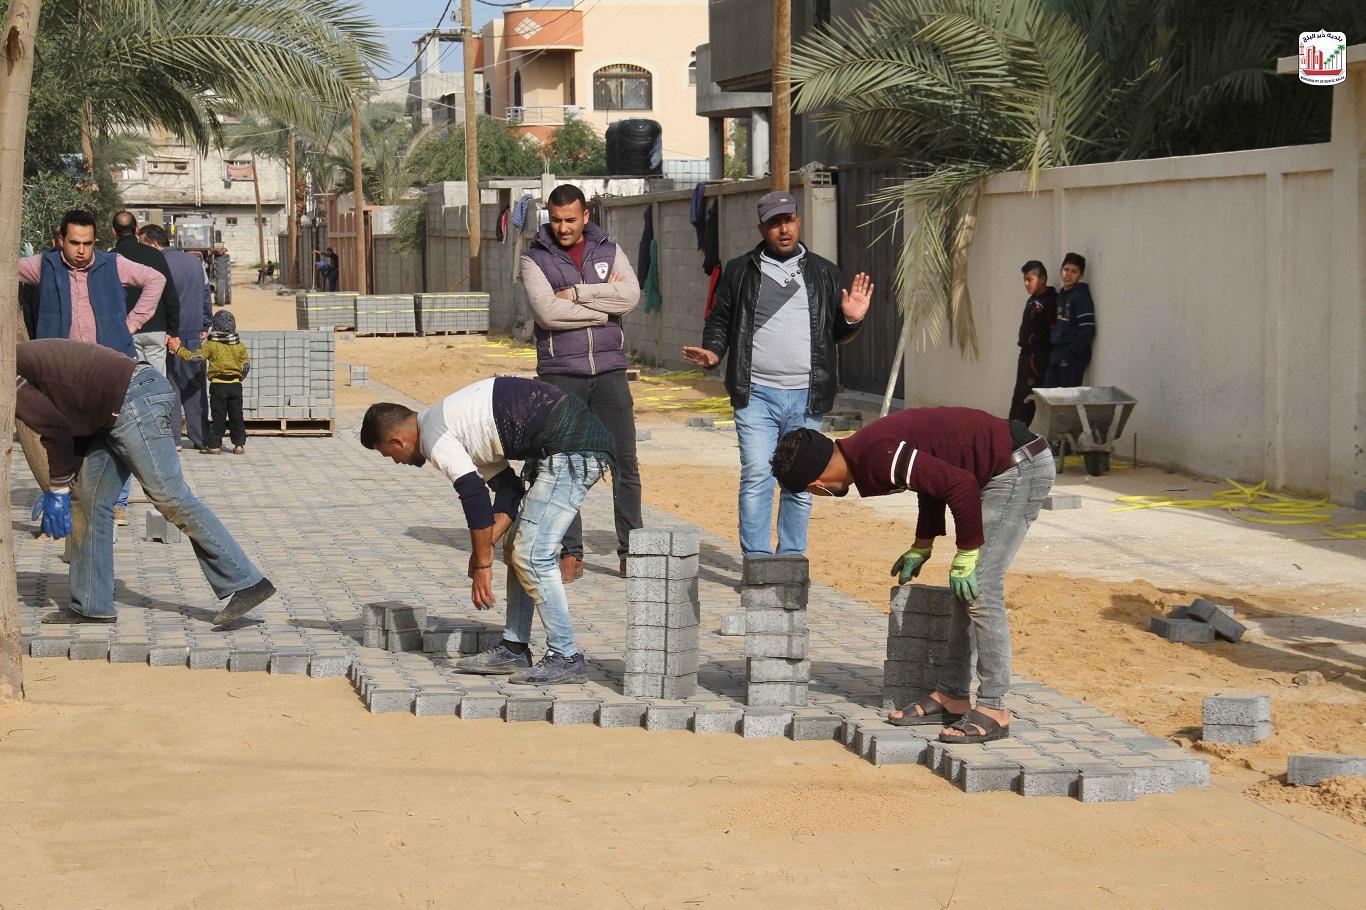 الانتهاء من تبليط شوارع داخلية ضمن مشروع تبليط شوارع داخلية بمدينة دير البلح